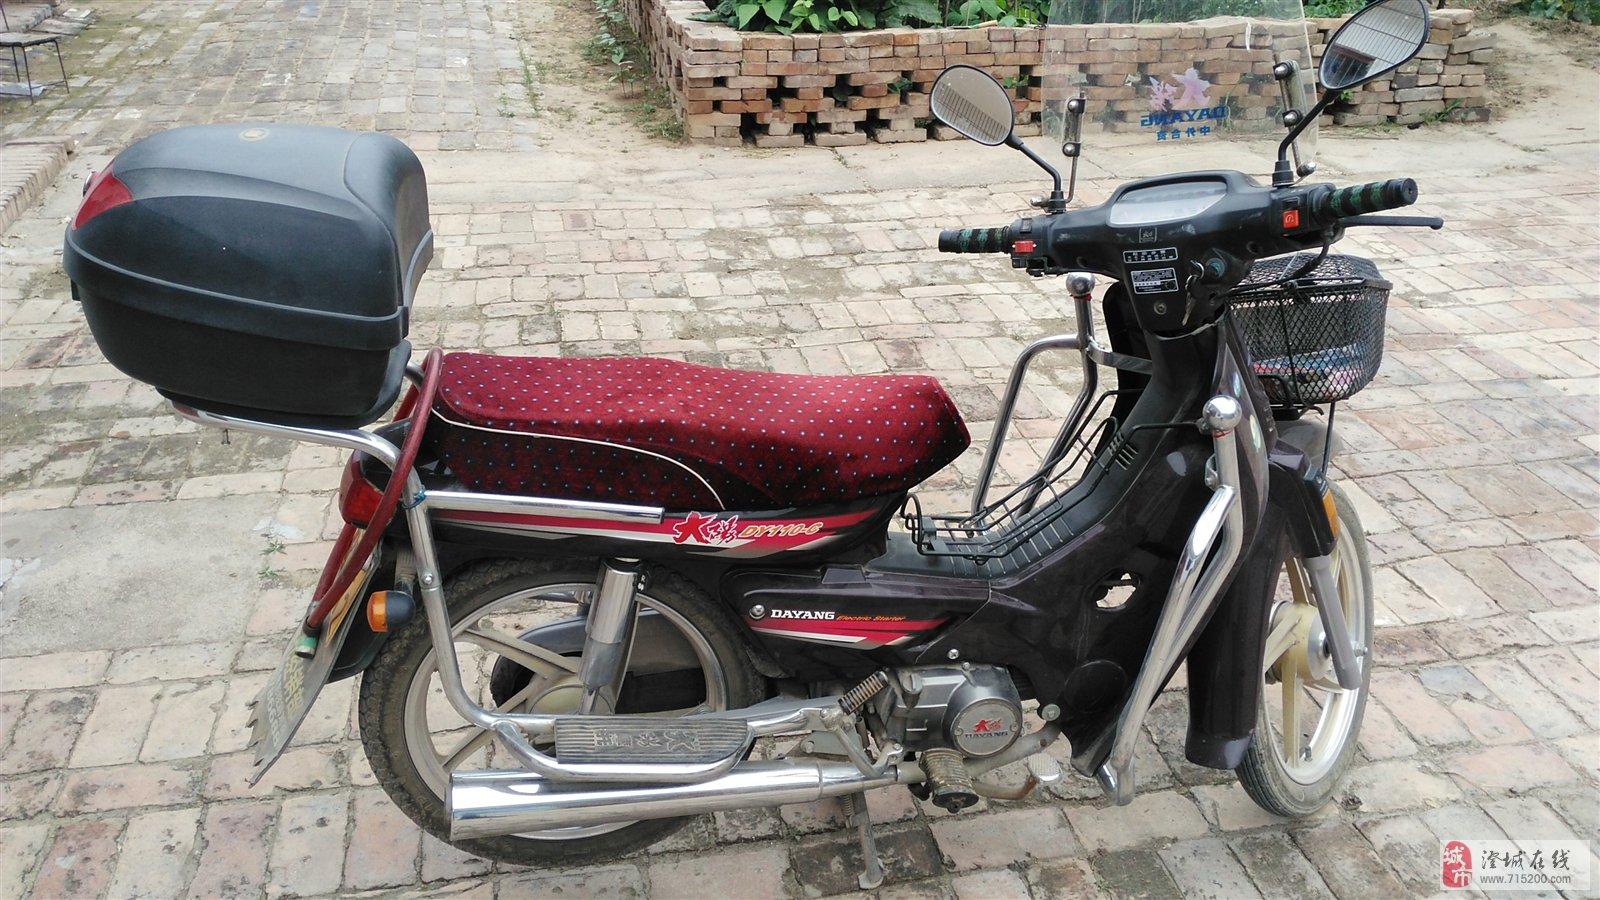 出售大阳摩托车一辆